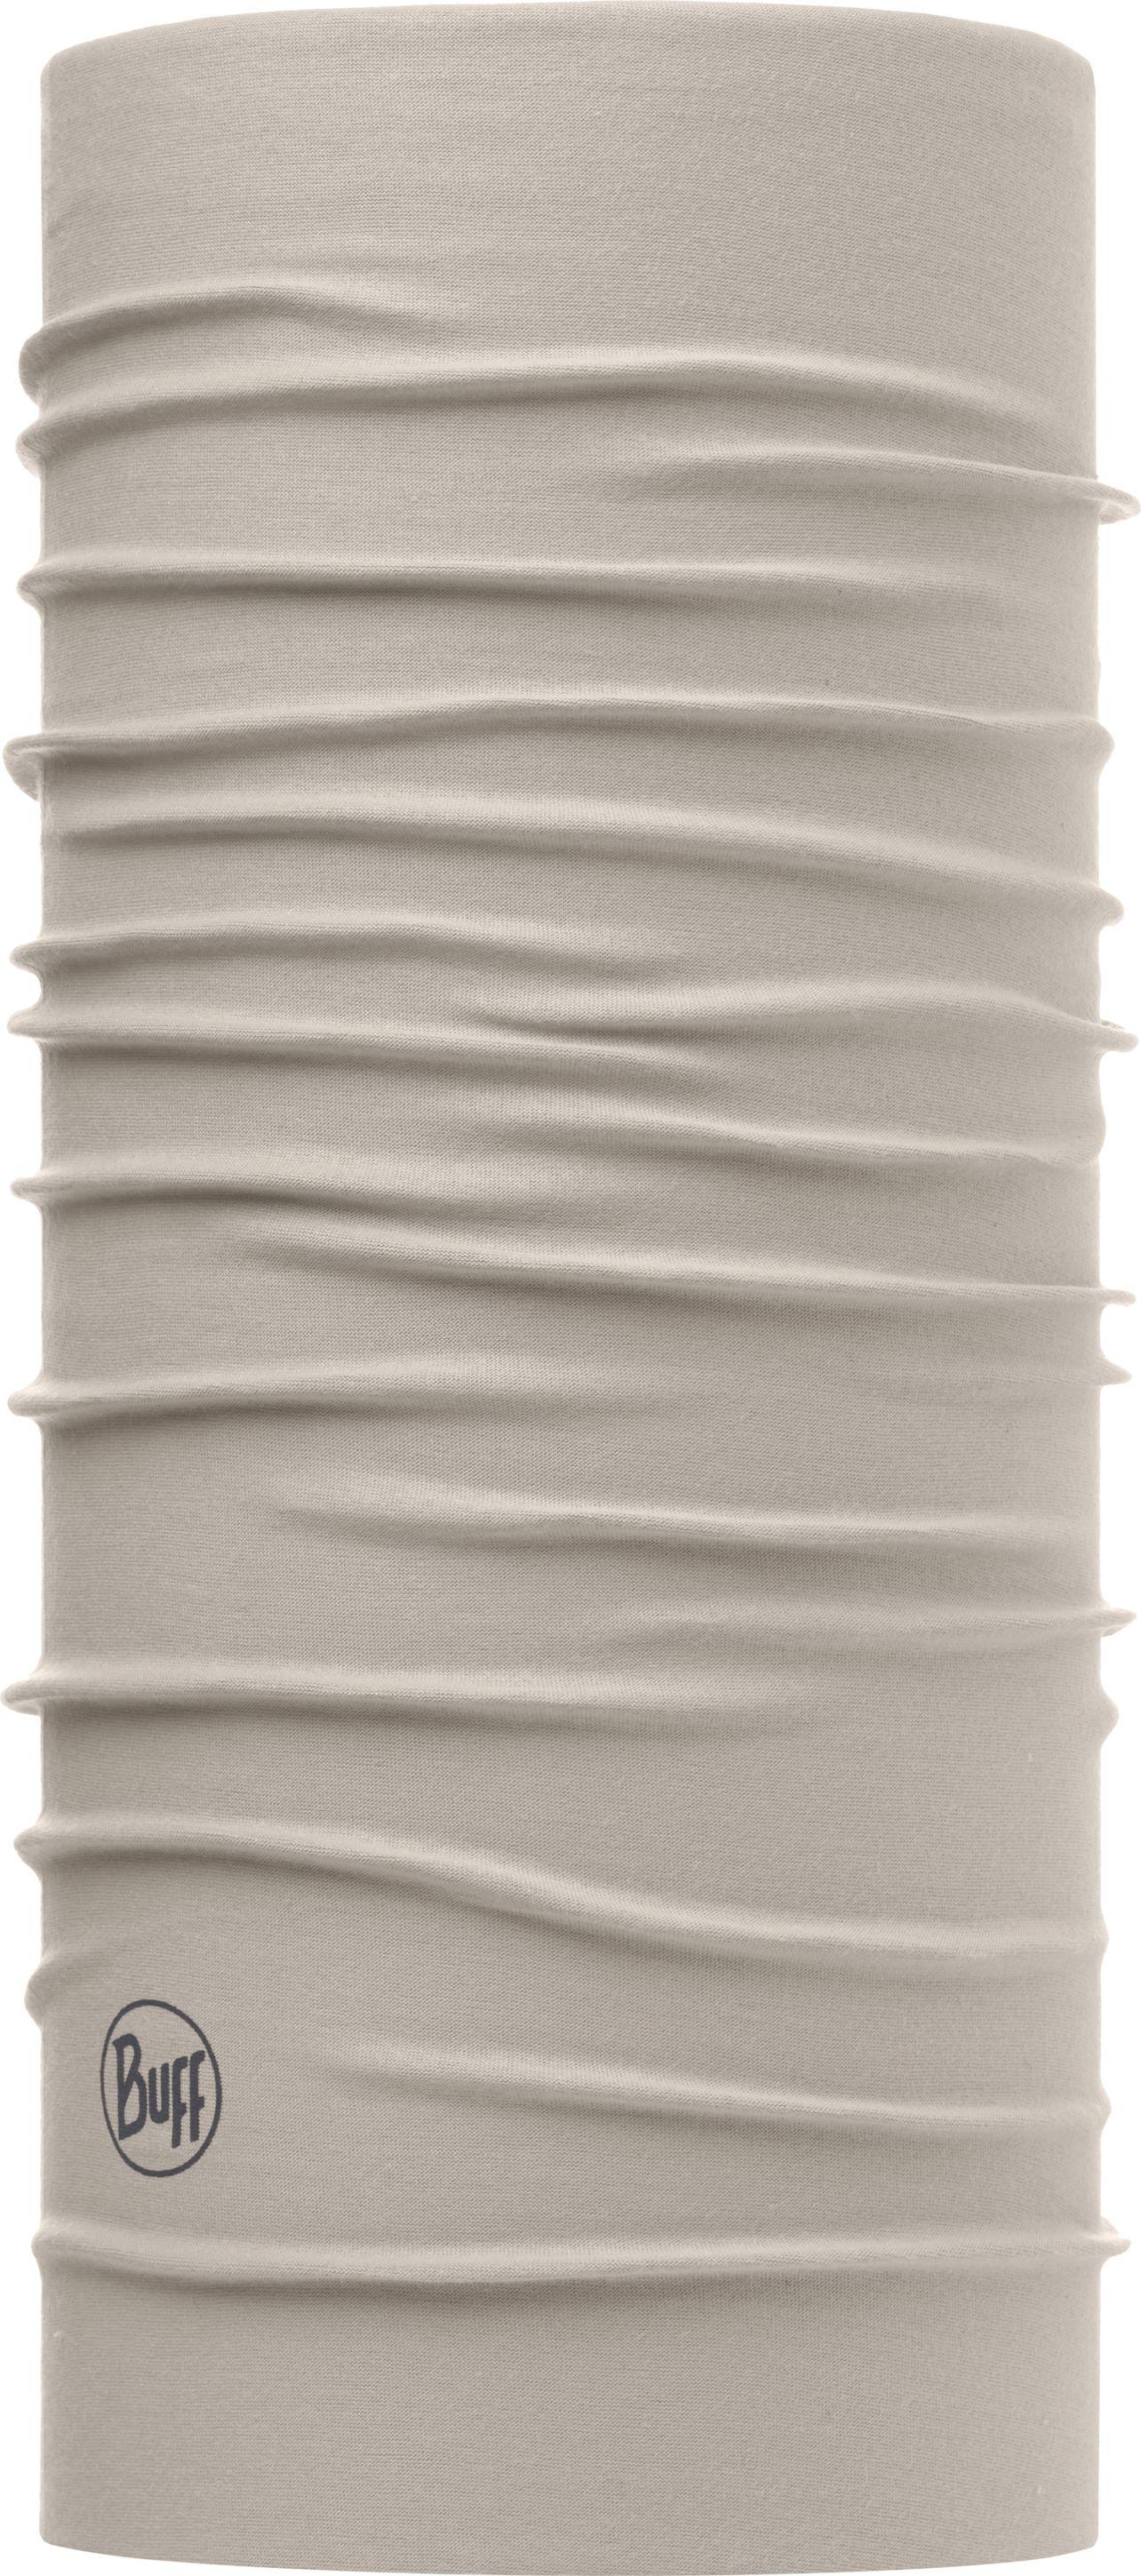 Бандана Buff UV Insect Shield Protection Solid Mist Grey, цвет: серый. 111427.904.10.00. Размер универсальный111427.904.10.00Высокотехнологичная летняя бандана из серии BUFF UV INSECT SHIELD с пропиткой от укусов насекомых. Защита осуществляется за счет особого состава InsectShield. При этом благодаря материалу Coolmax Extreme, влага моментально отводится наружу и высыхает, также обеспечивается 95% защита от ультрафиолетовых лучей. Данный тип спортивных бандан является самым универсальным для аутдора и занятий спортом на лоне природы в жаркие летние месяцы. В модели используются материалы и технологии: ткань Coolmax_Extreme; защита UVProtection; защита от укусов насекомых с UV InsectShield Protection; превосходная воздухопроницаемость и контроль влажности; естественные свойства материала предотвращают появление неприятного запаха с применением технологии POLYGIENE; связана по круговой технологии, поэтому не имеет швов. Особенности: самая легкая и дышащая бандана с высоким уровнем защиты от ультрафиолетаи защитой от укусов насекомых. Размер (обхват головы): 55-62 см.